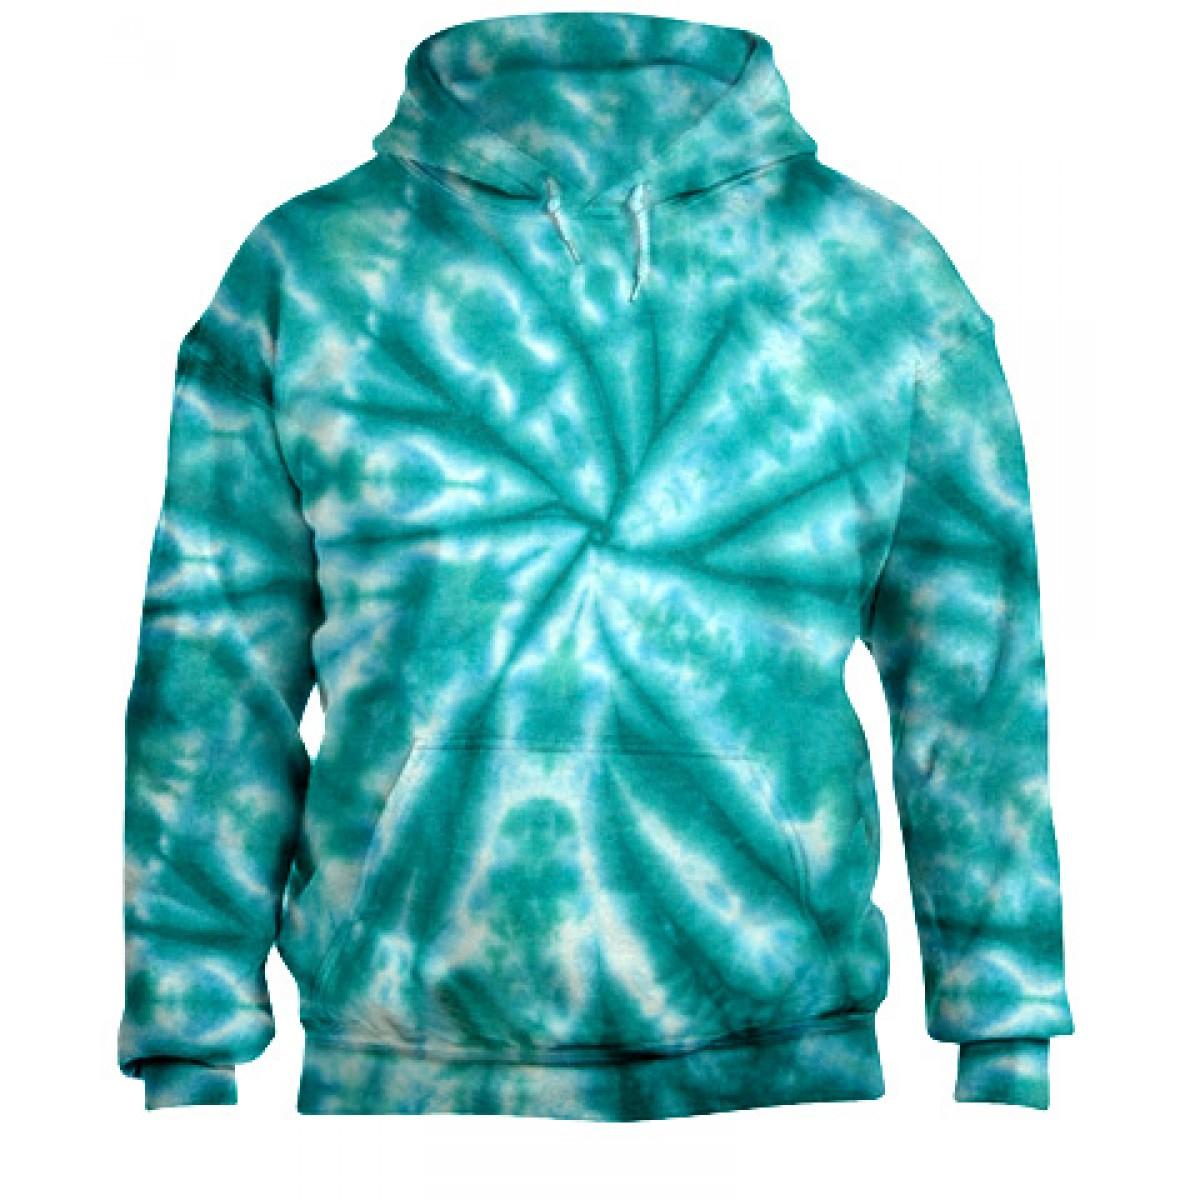 Tie-Dye Pullover Hooded Sweatshirt-Jade-YS